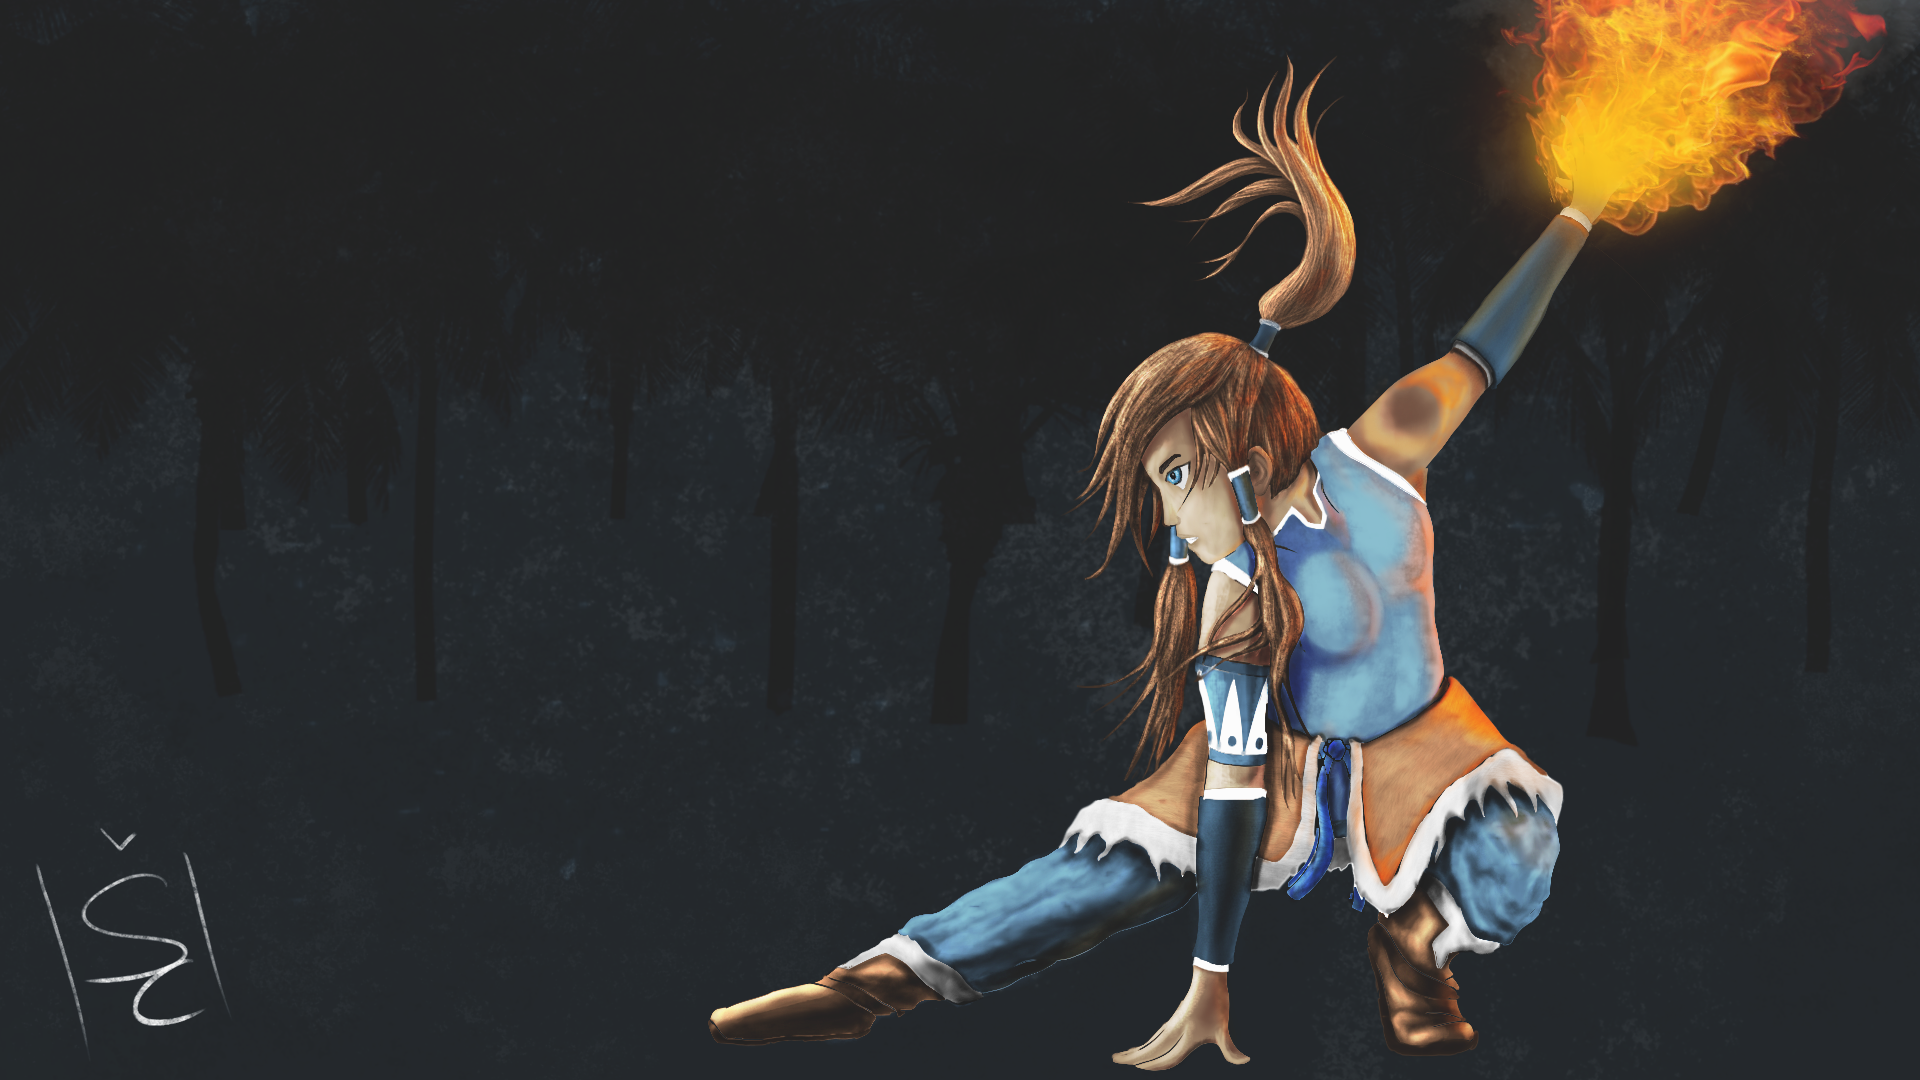 Korra Painting - The Legend of Korra by GenuineOwl